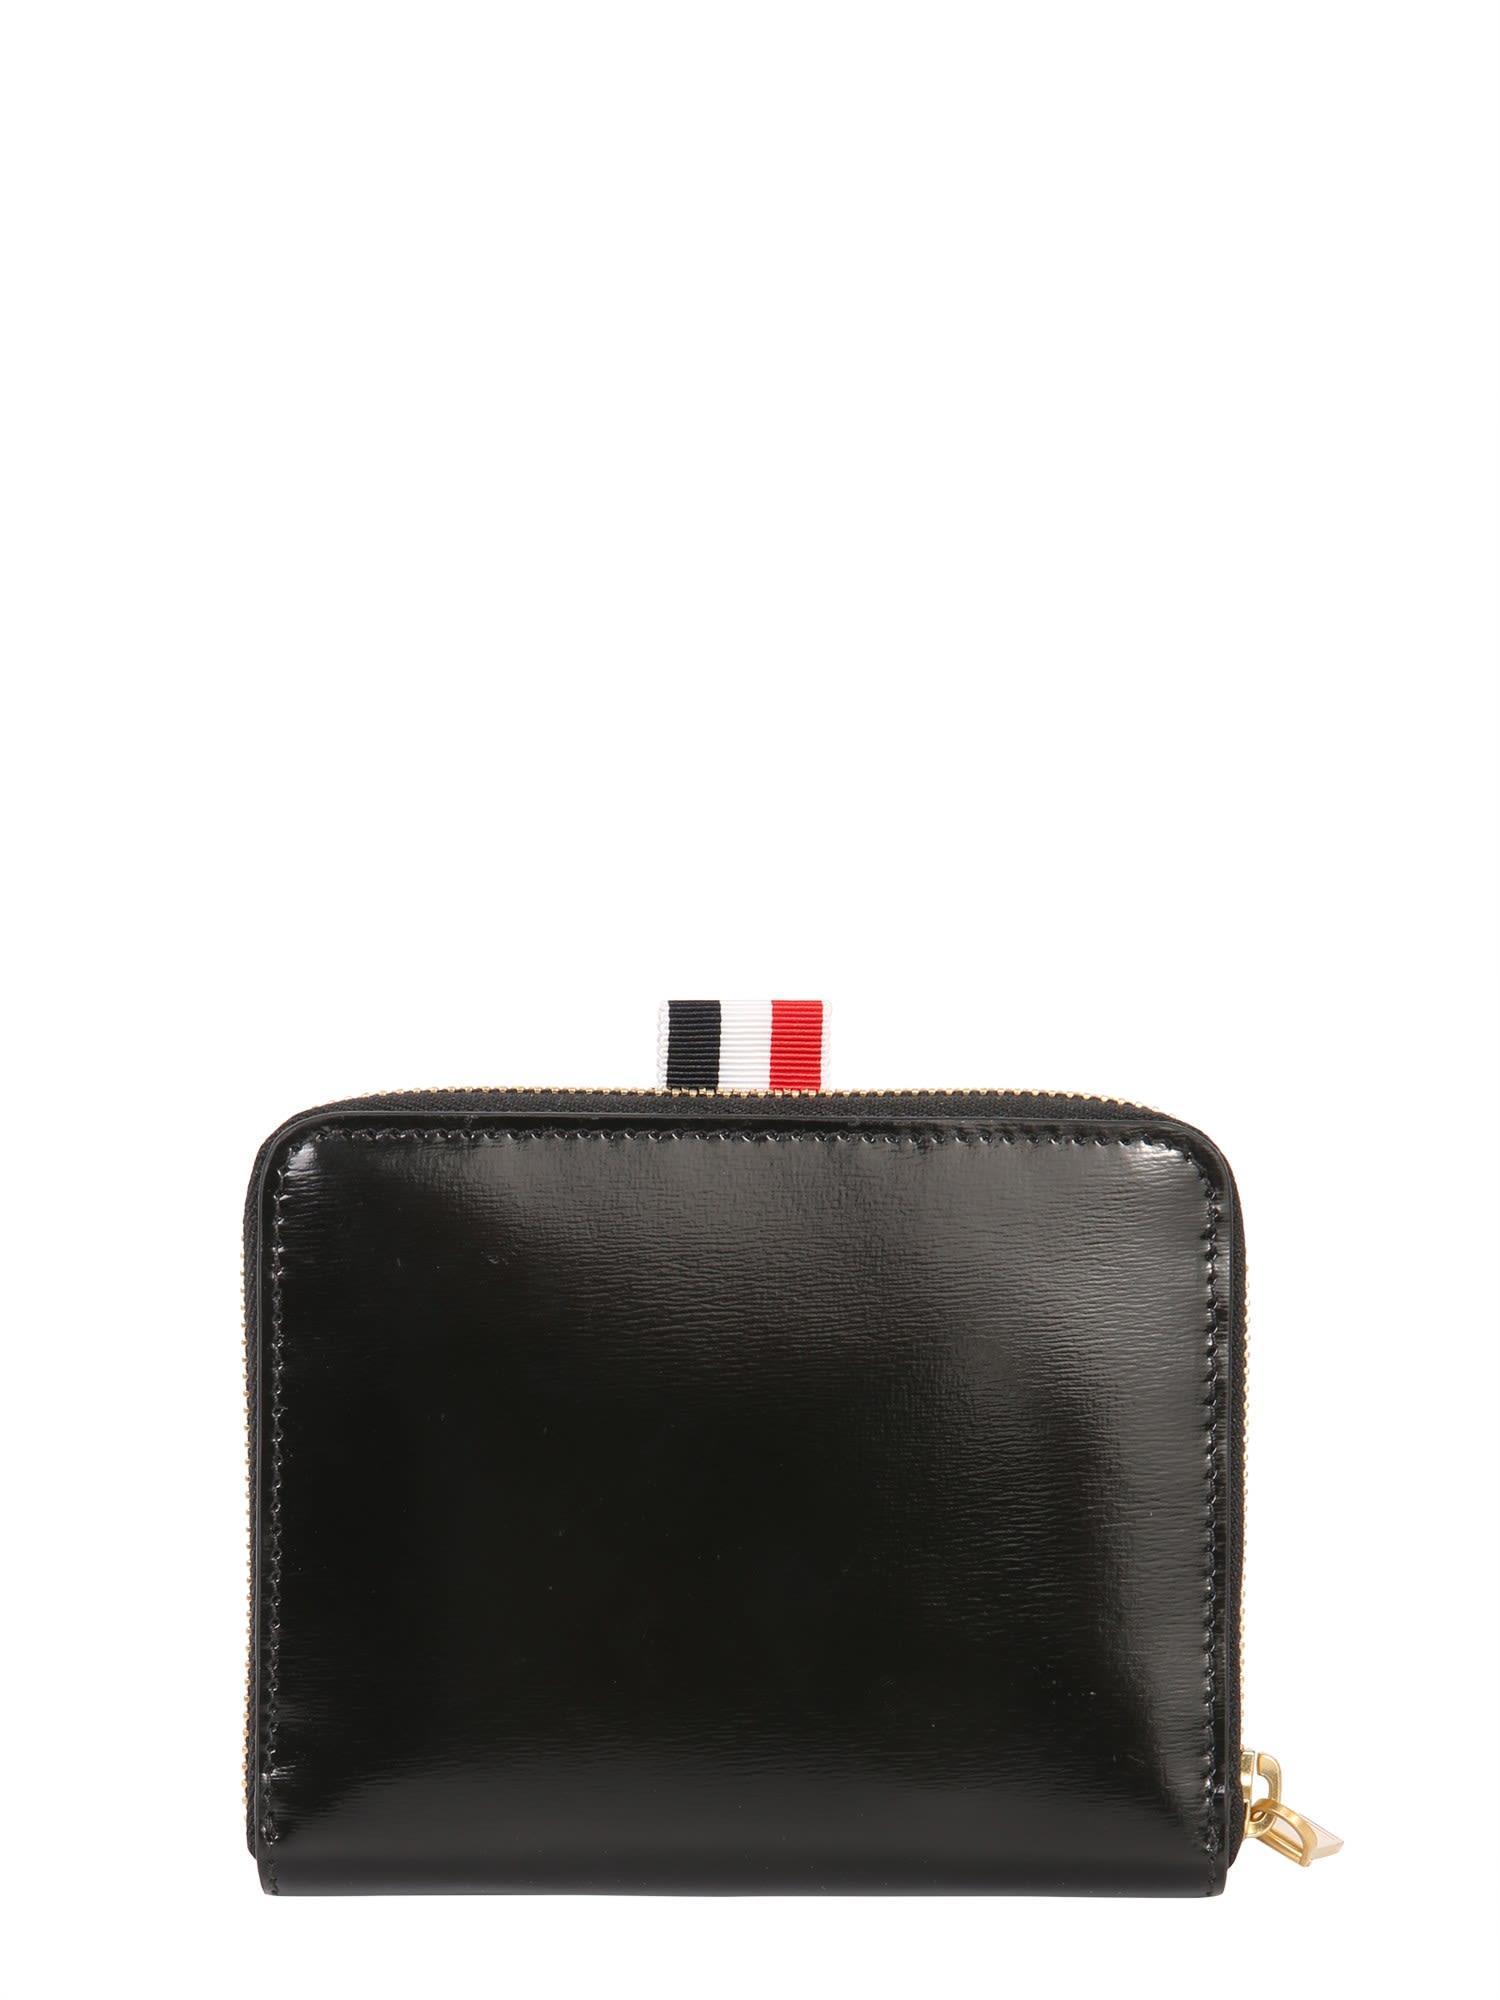 Thom Browne Zip Around Wallet In Nero